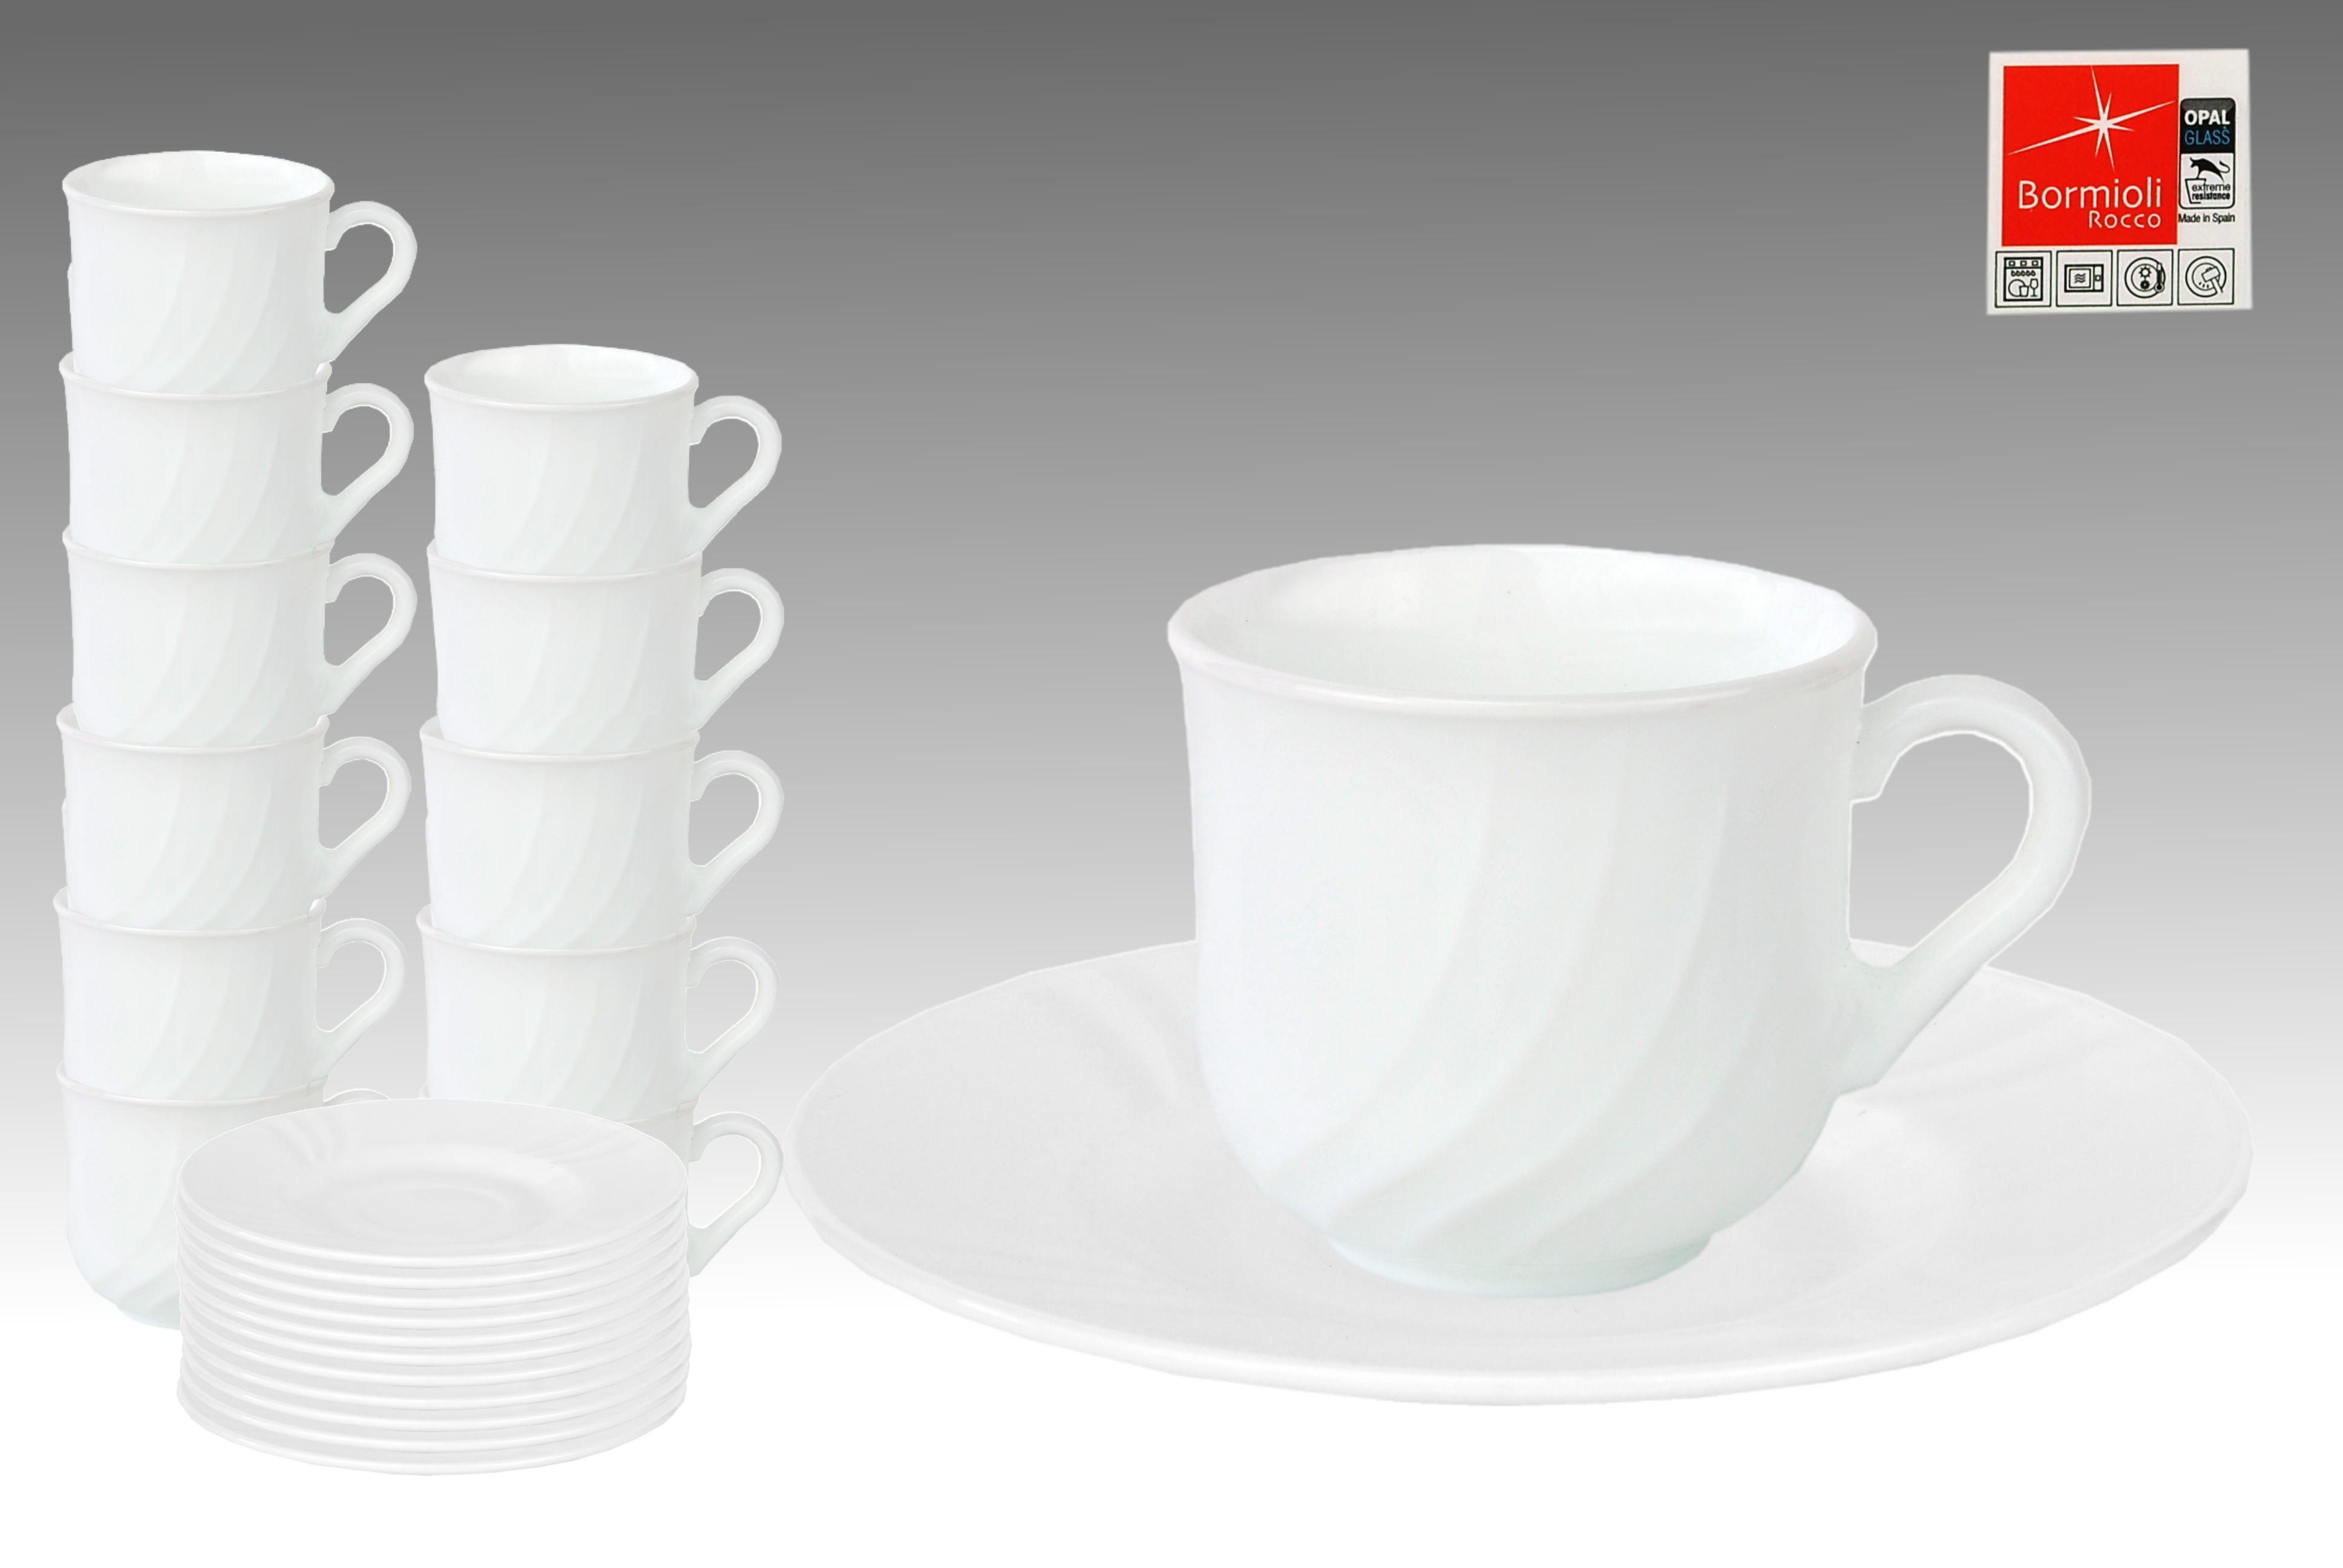 12er set kaffeetasse 25cl mit untertasse 15 5cm ebro aus opal hartglas porzellan tassen und becher. Black Bedroom Furniture Sets. Home Design Ideas